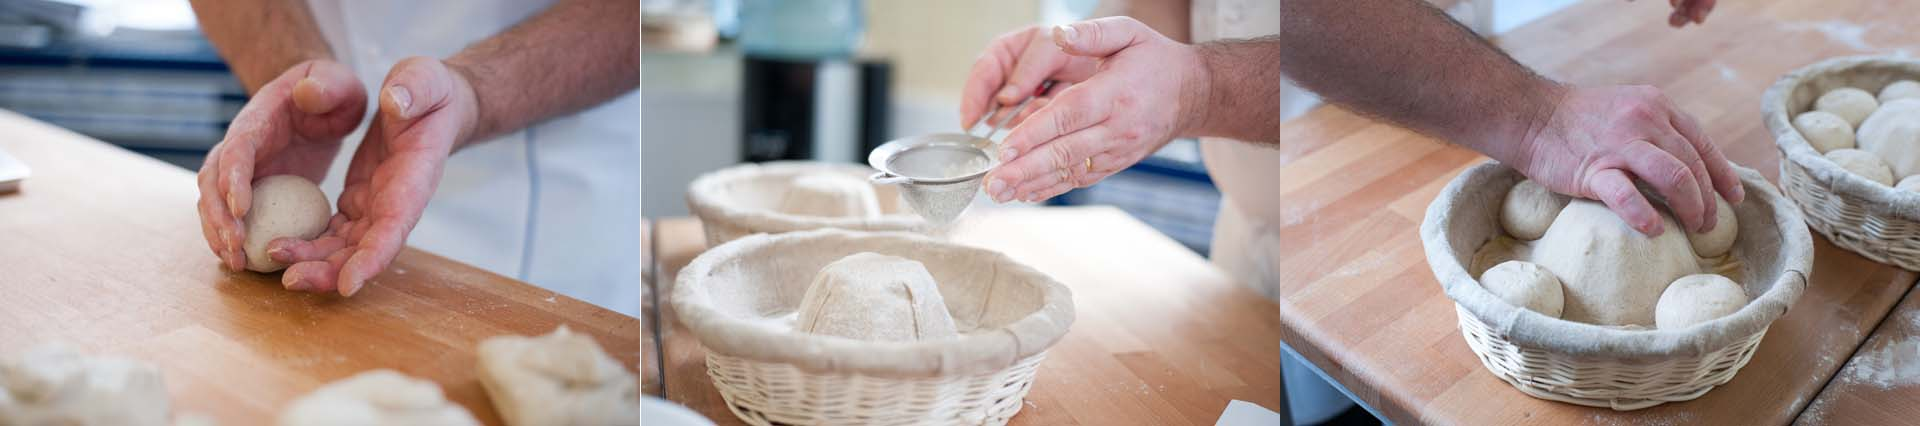 devenir boulanger - formation boulanger